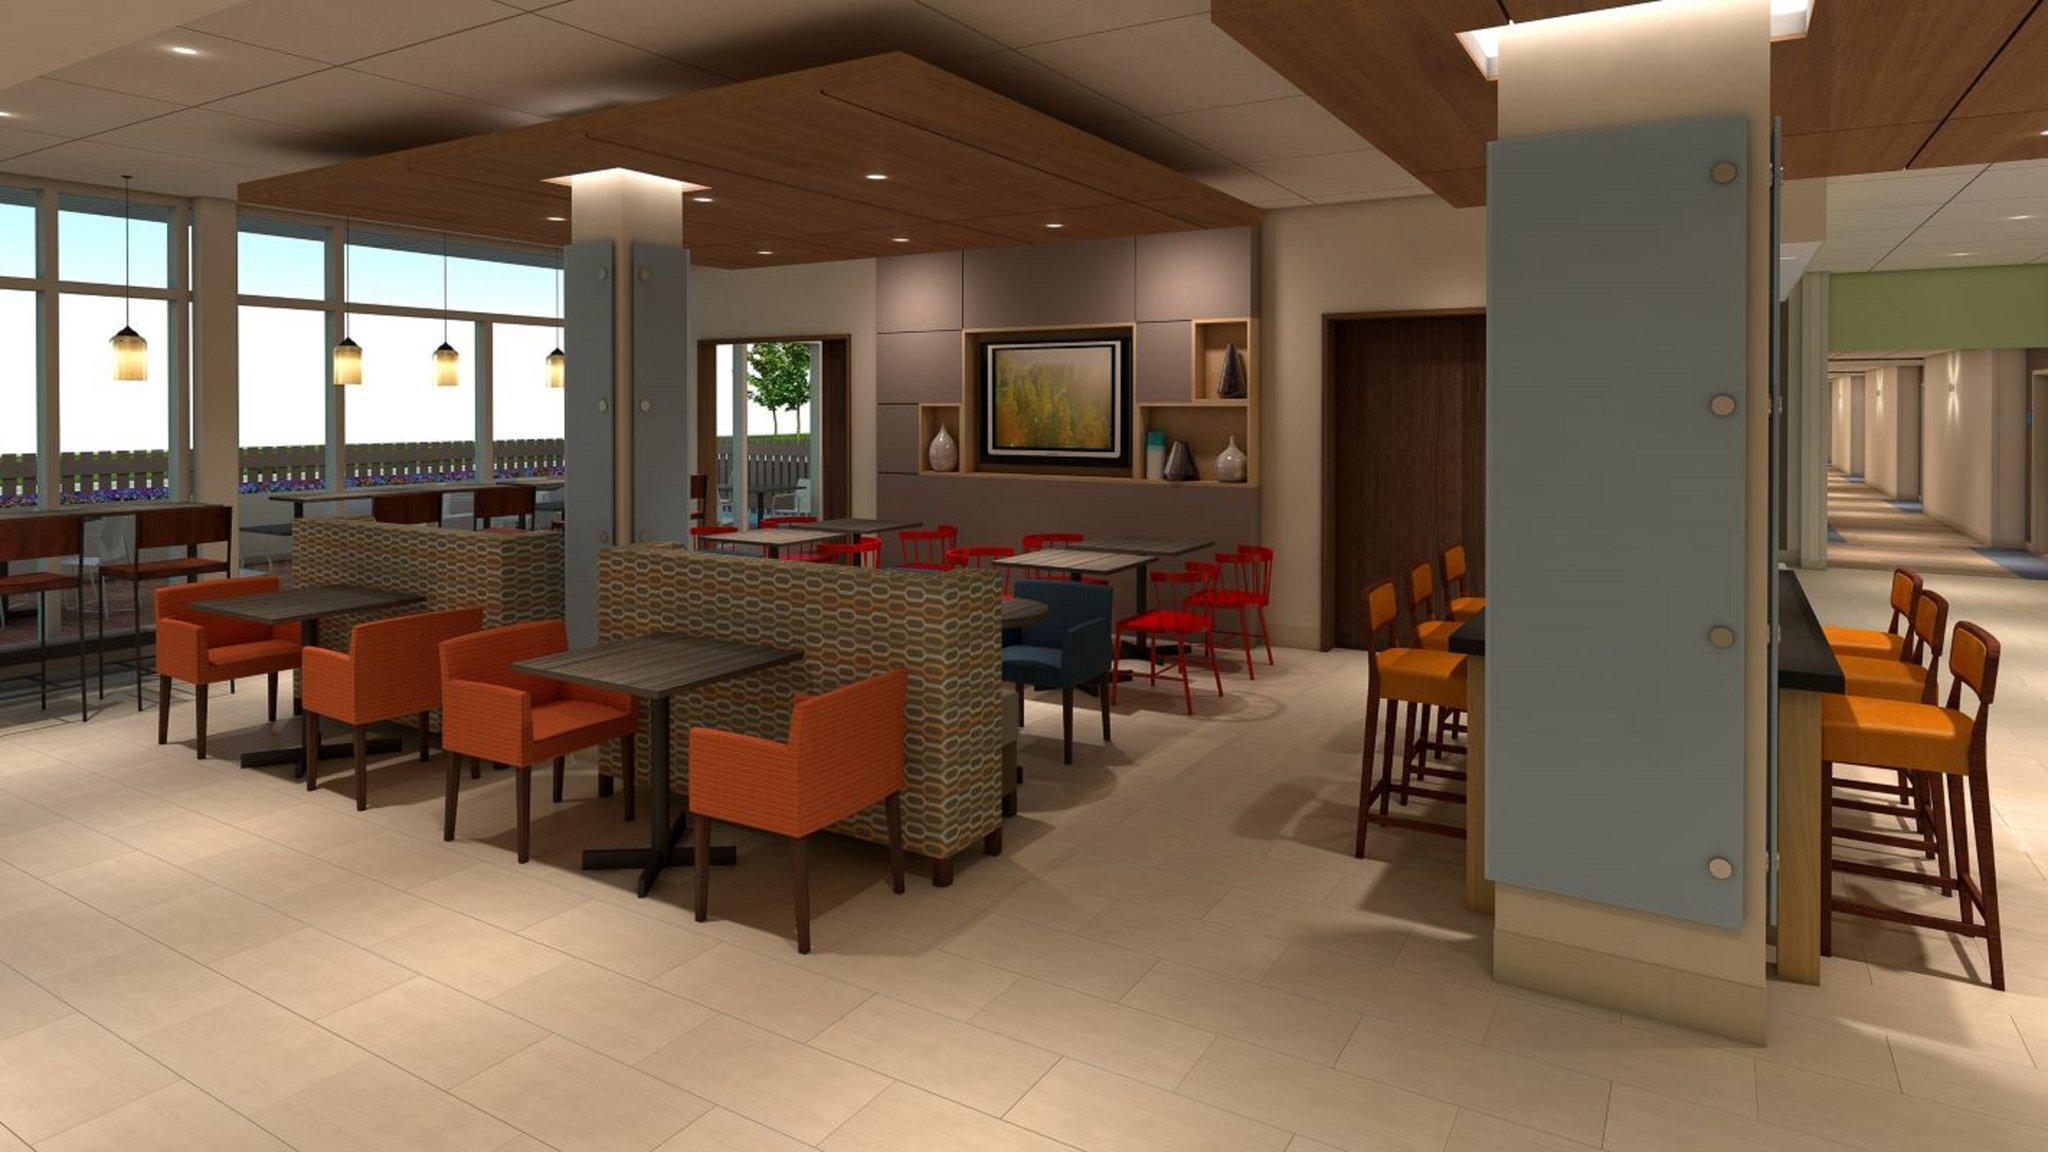 Holiday Inn Express & Suites West Omaha - Elkhorn Elkhorn (402)916-1800